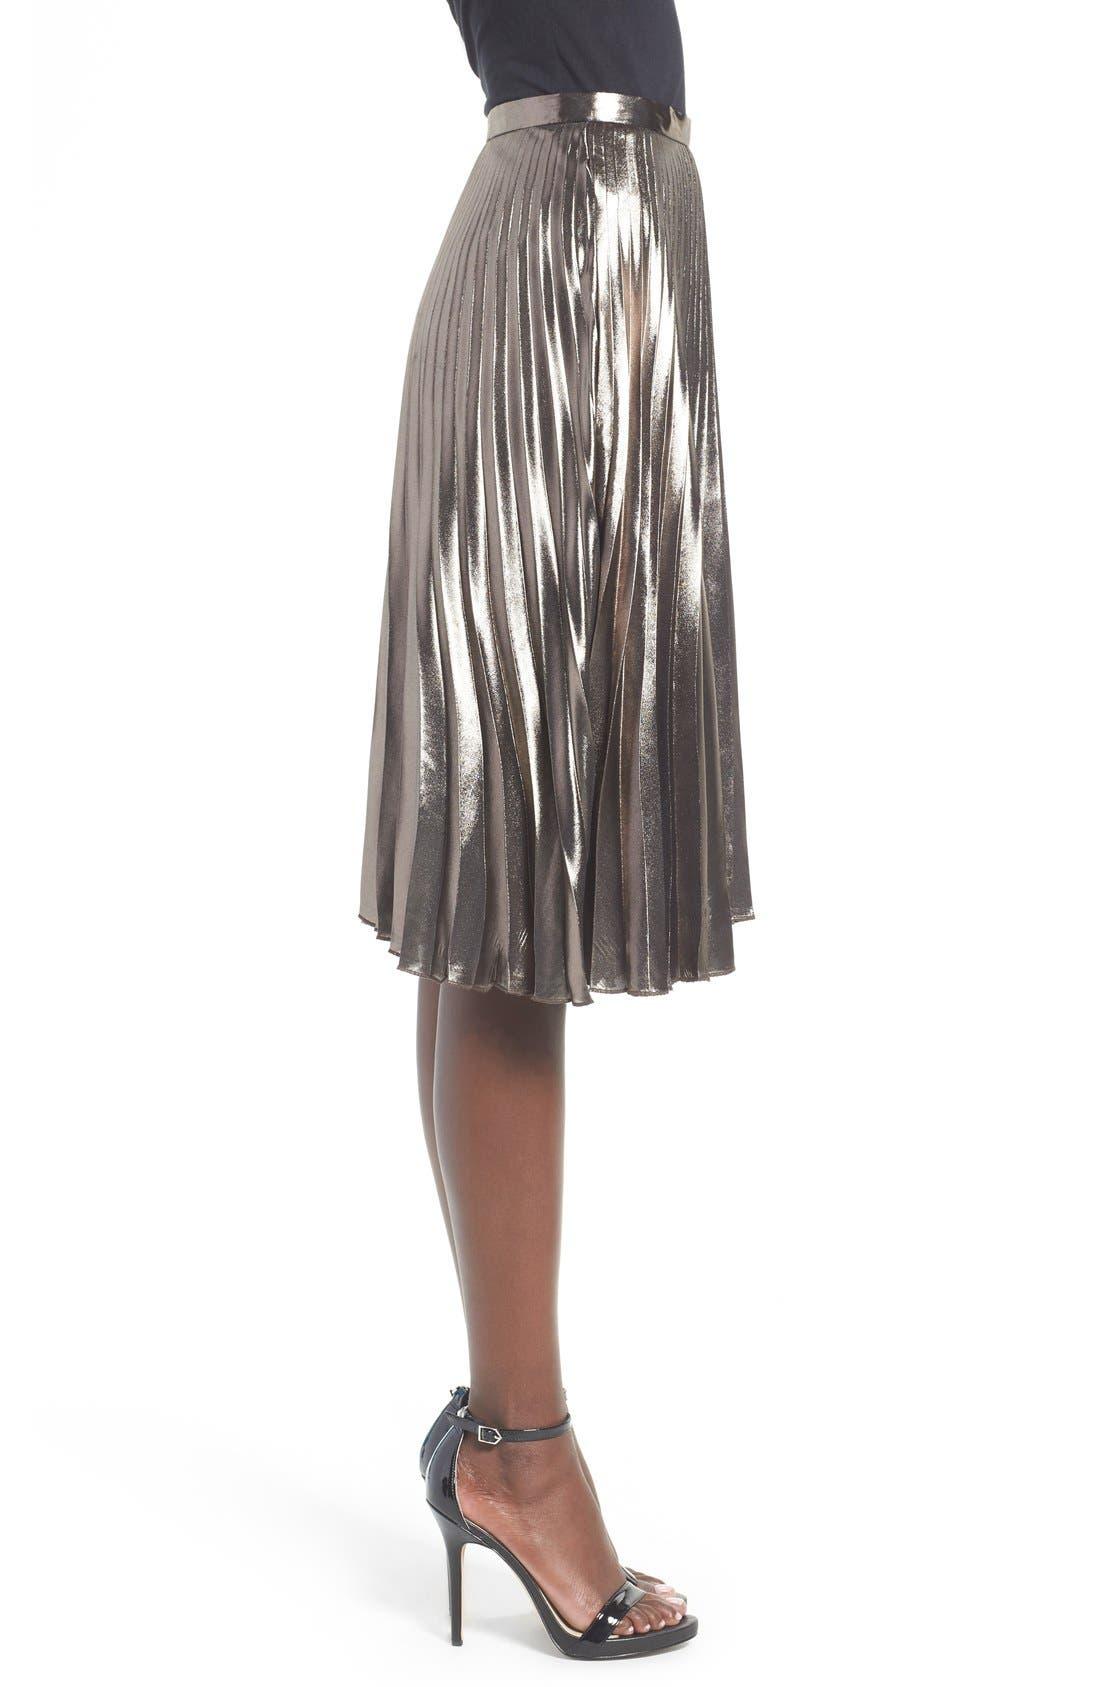 ASTR THE LABEL, ASTR Celeste Pleated Skirt, Alternate thumbnail 4, color, 224